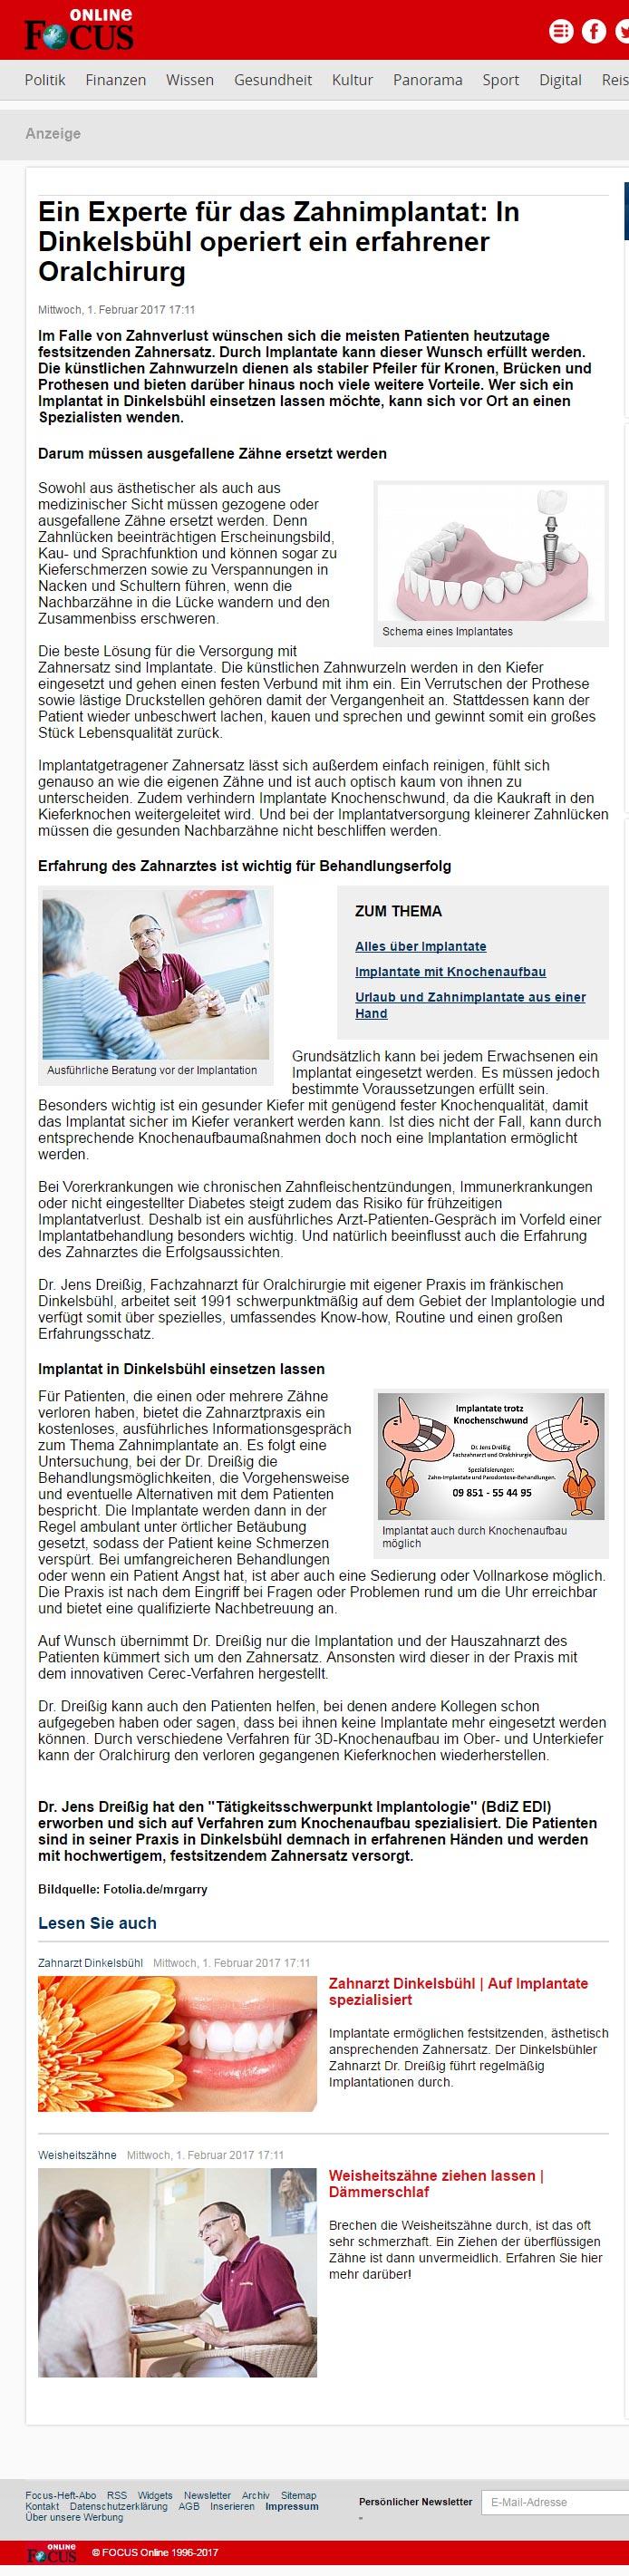 Medien artikel Focus oralchirurg lang